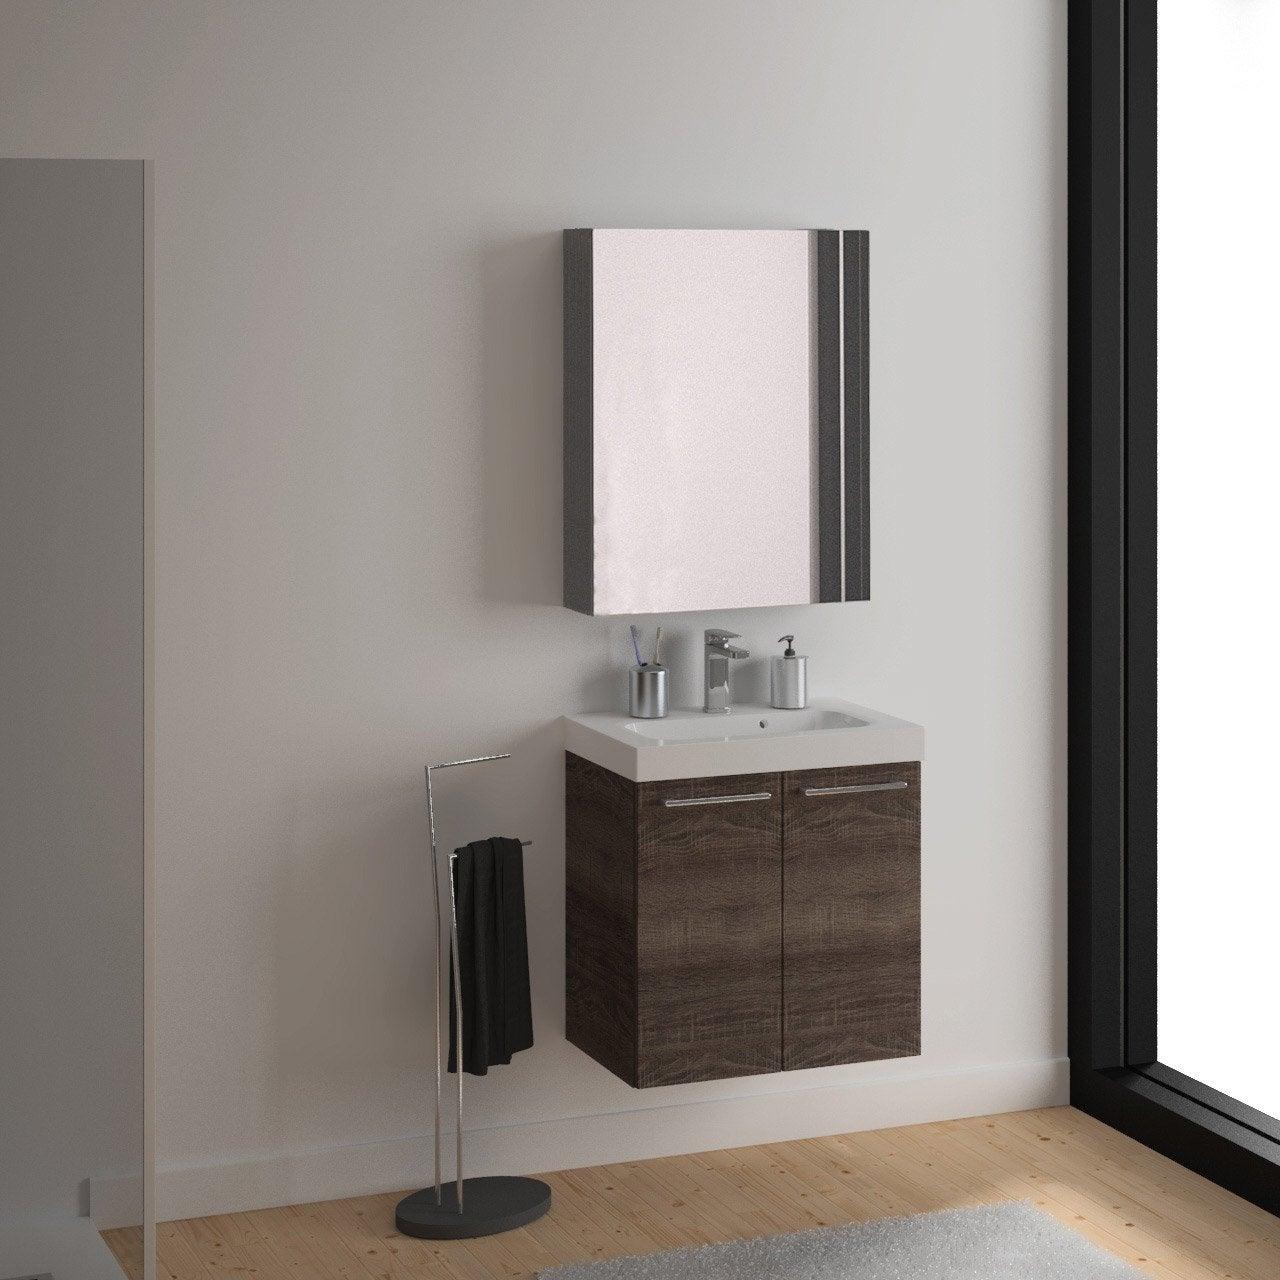 Meuble vasque 61 cm d cor ch ne havane remix leroy merlin for Colonne de salle de bain remix